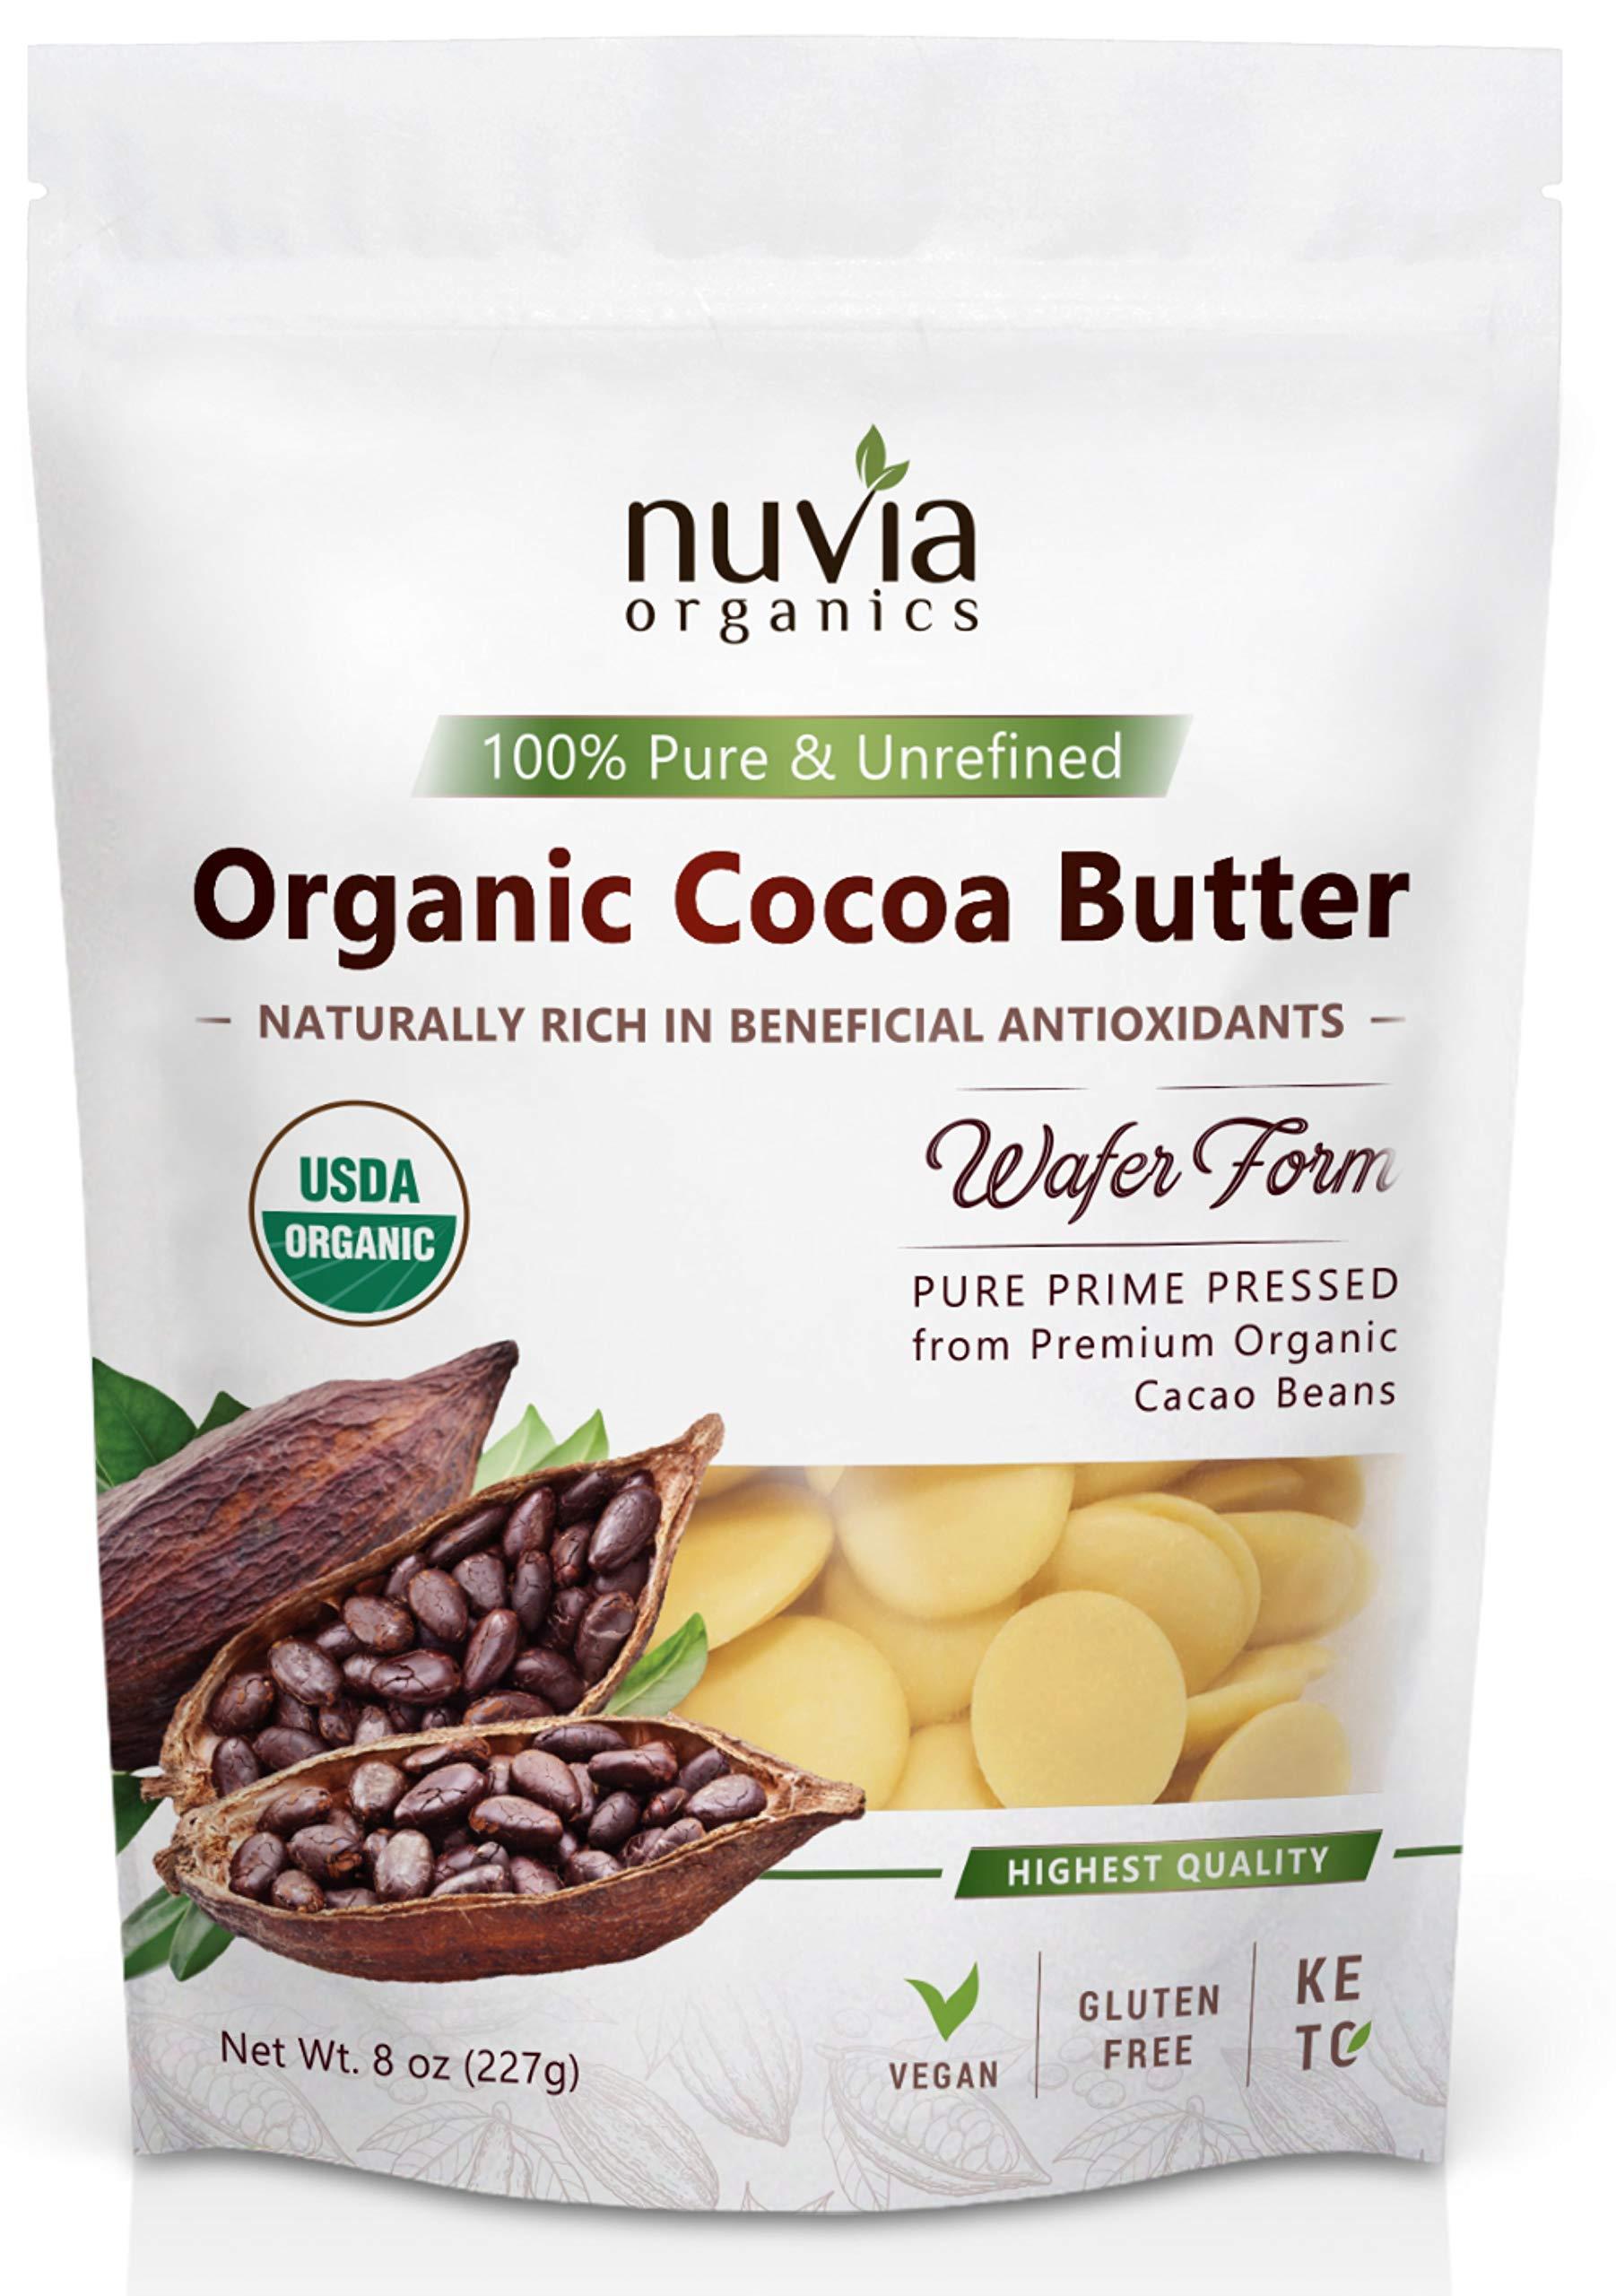 Nuvia Organics Cocoa Butter - 100% USDA Certified Organic, Wafer Form, Non-GMO, Unrefined, Gluten-Free, Food Grade, Edible, Keto, Vegan; 8oz